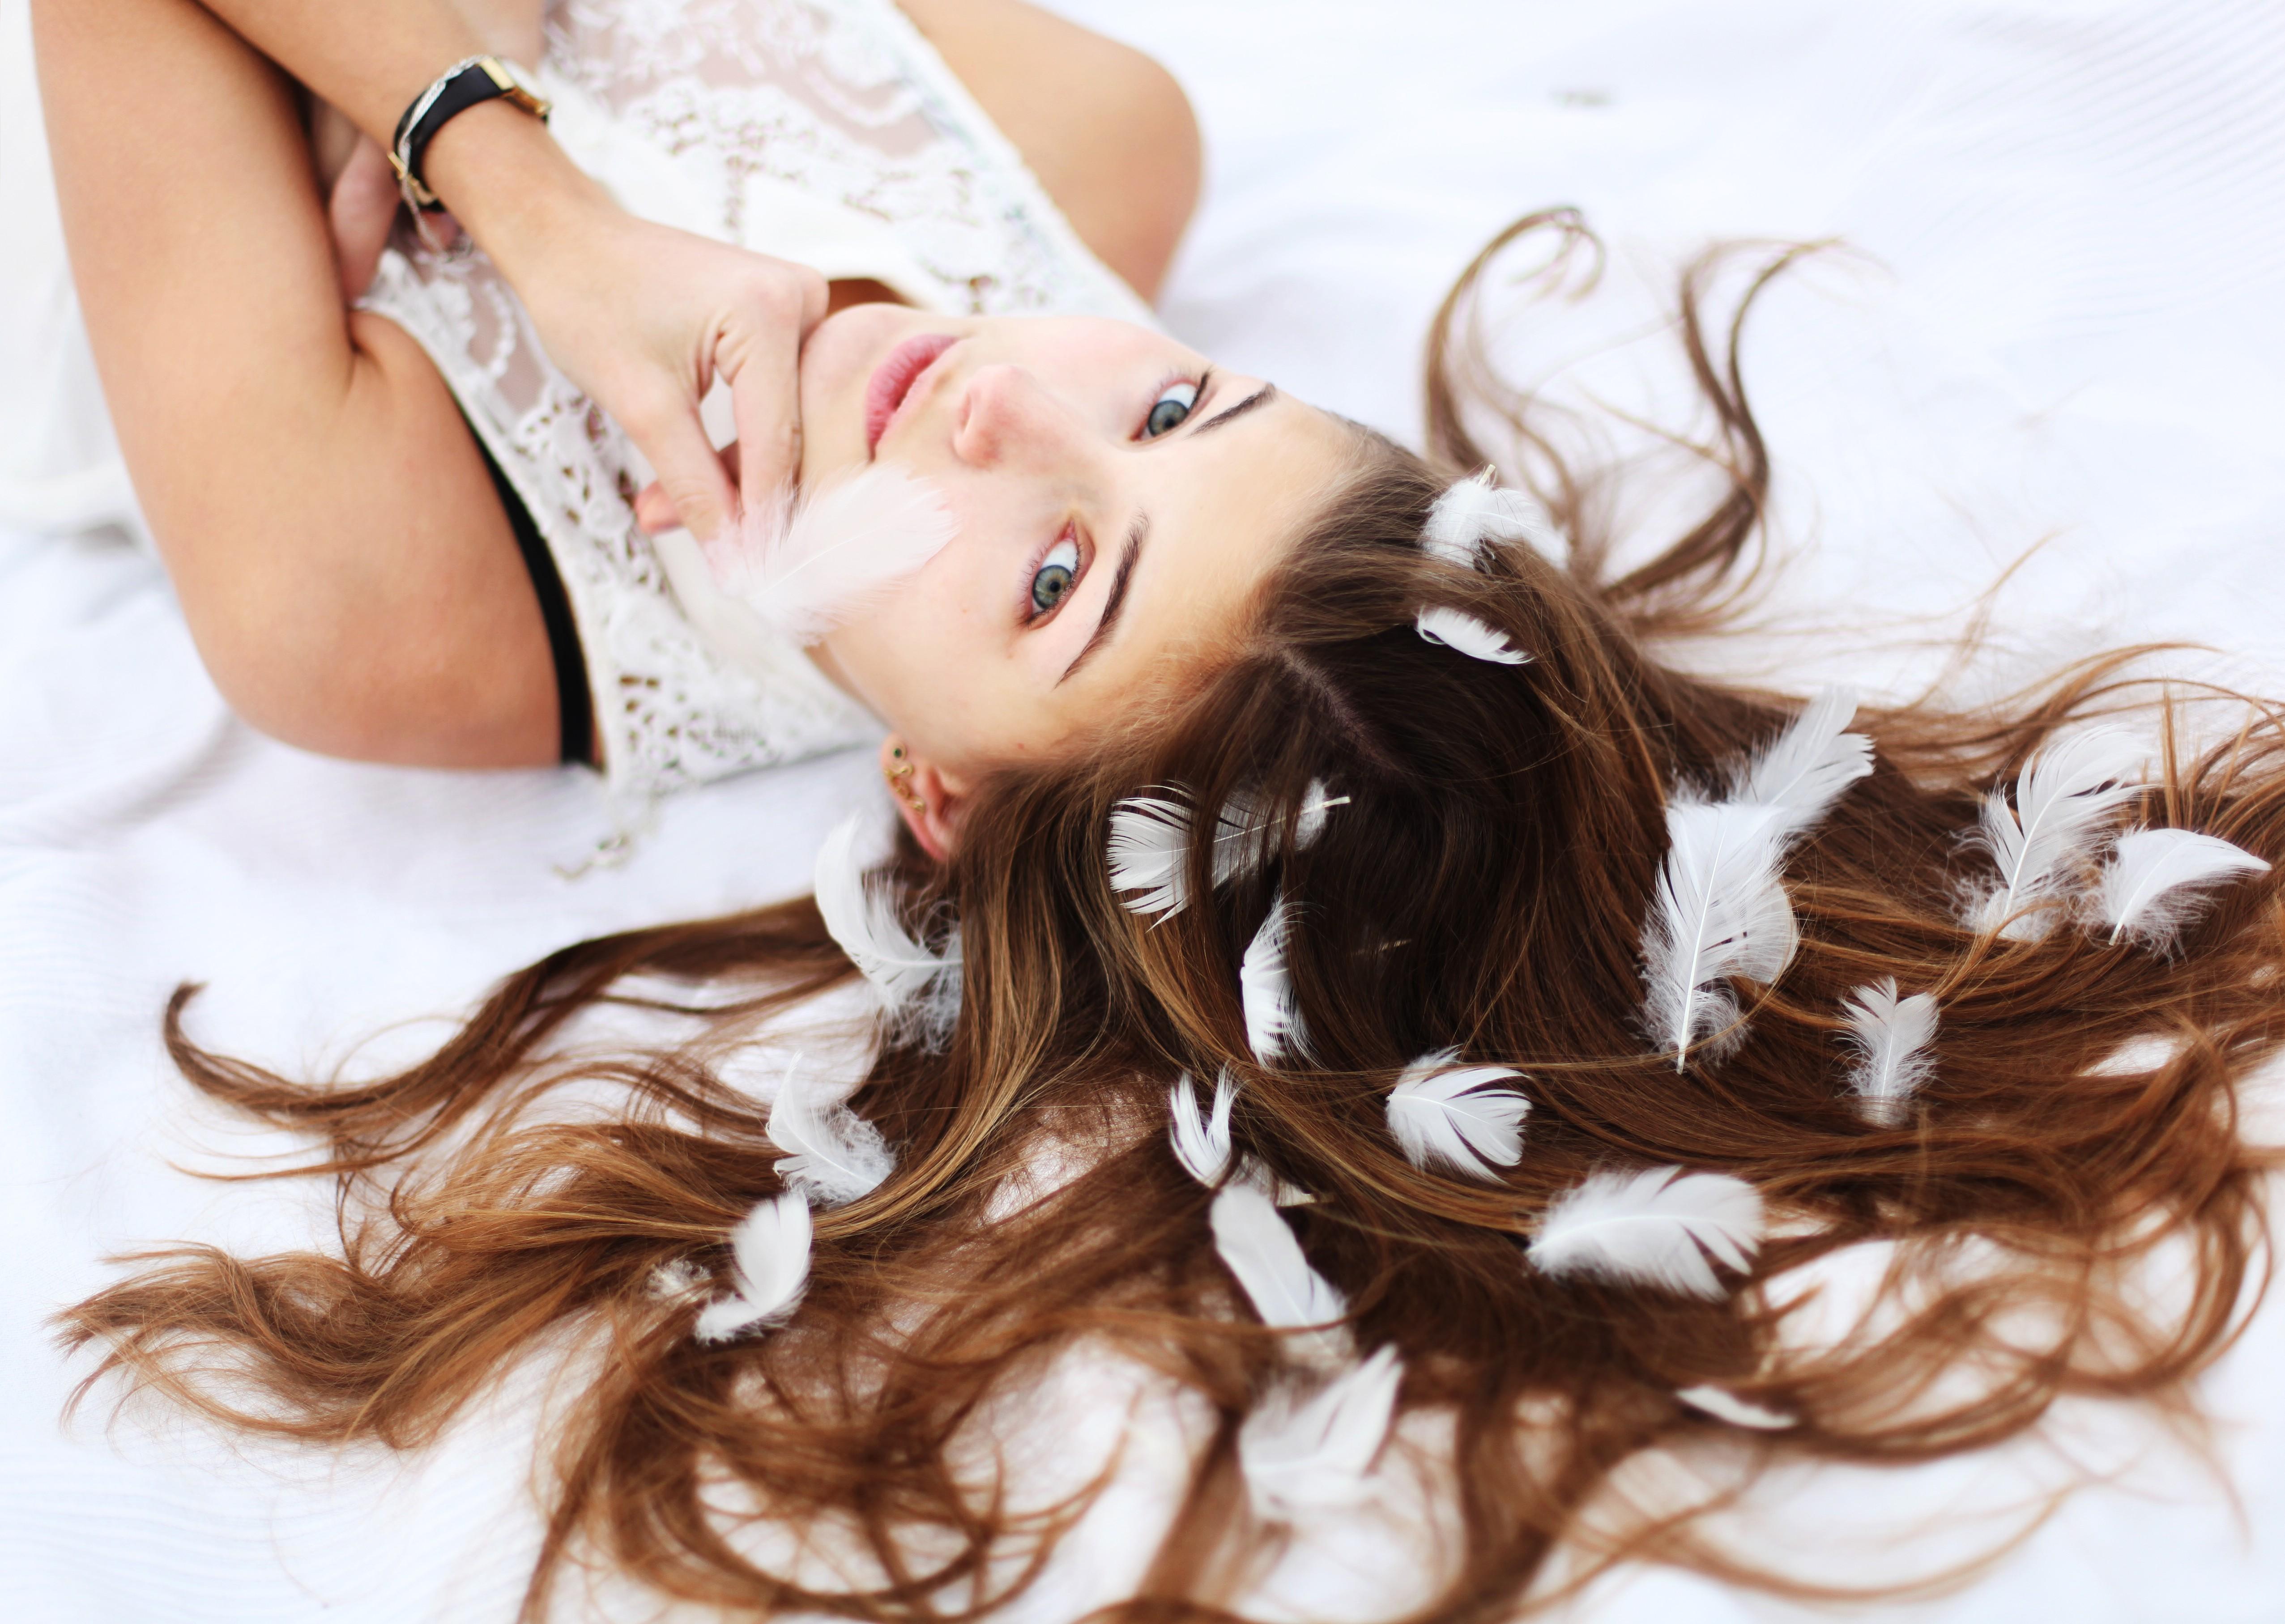 удивительно, идея фотосессии с длинными волосами участок перед